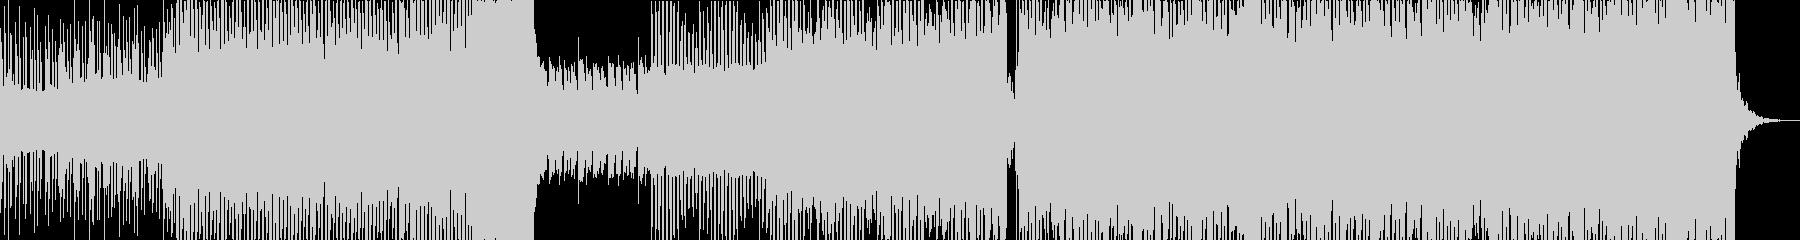 ノイズ音が印象的のエレクトリックサウンドの未再生の波形